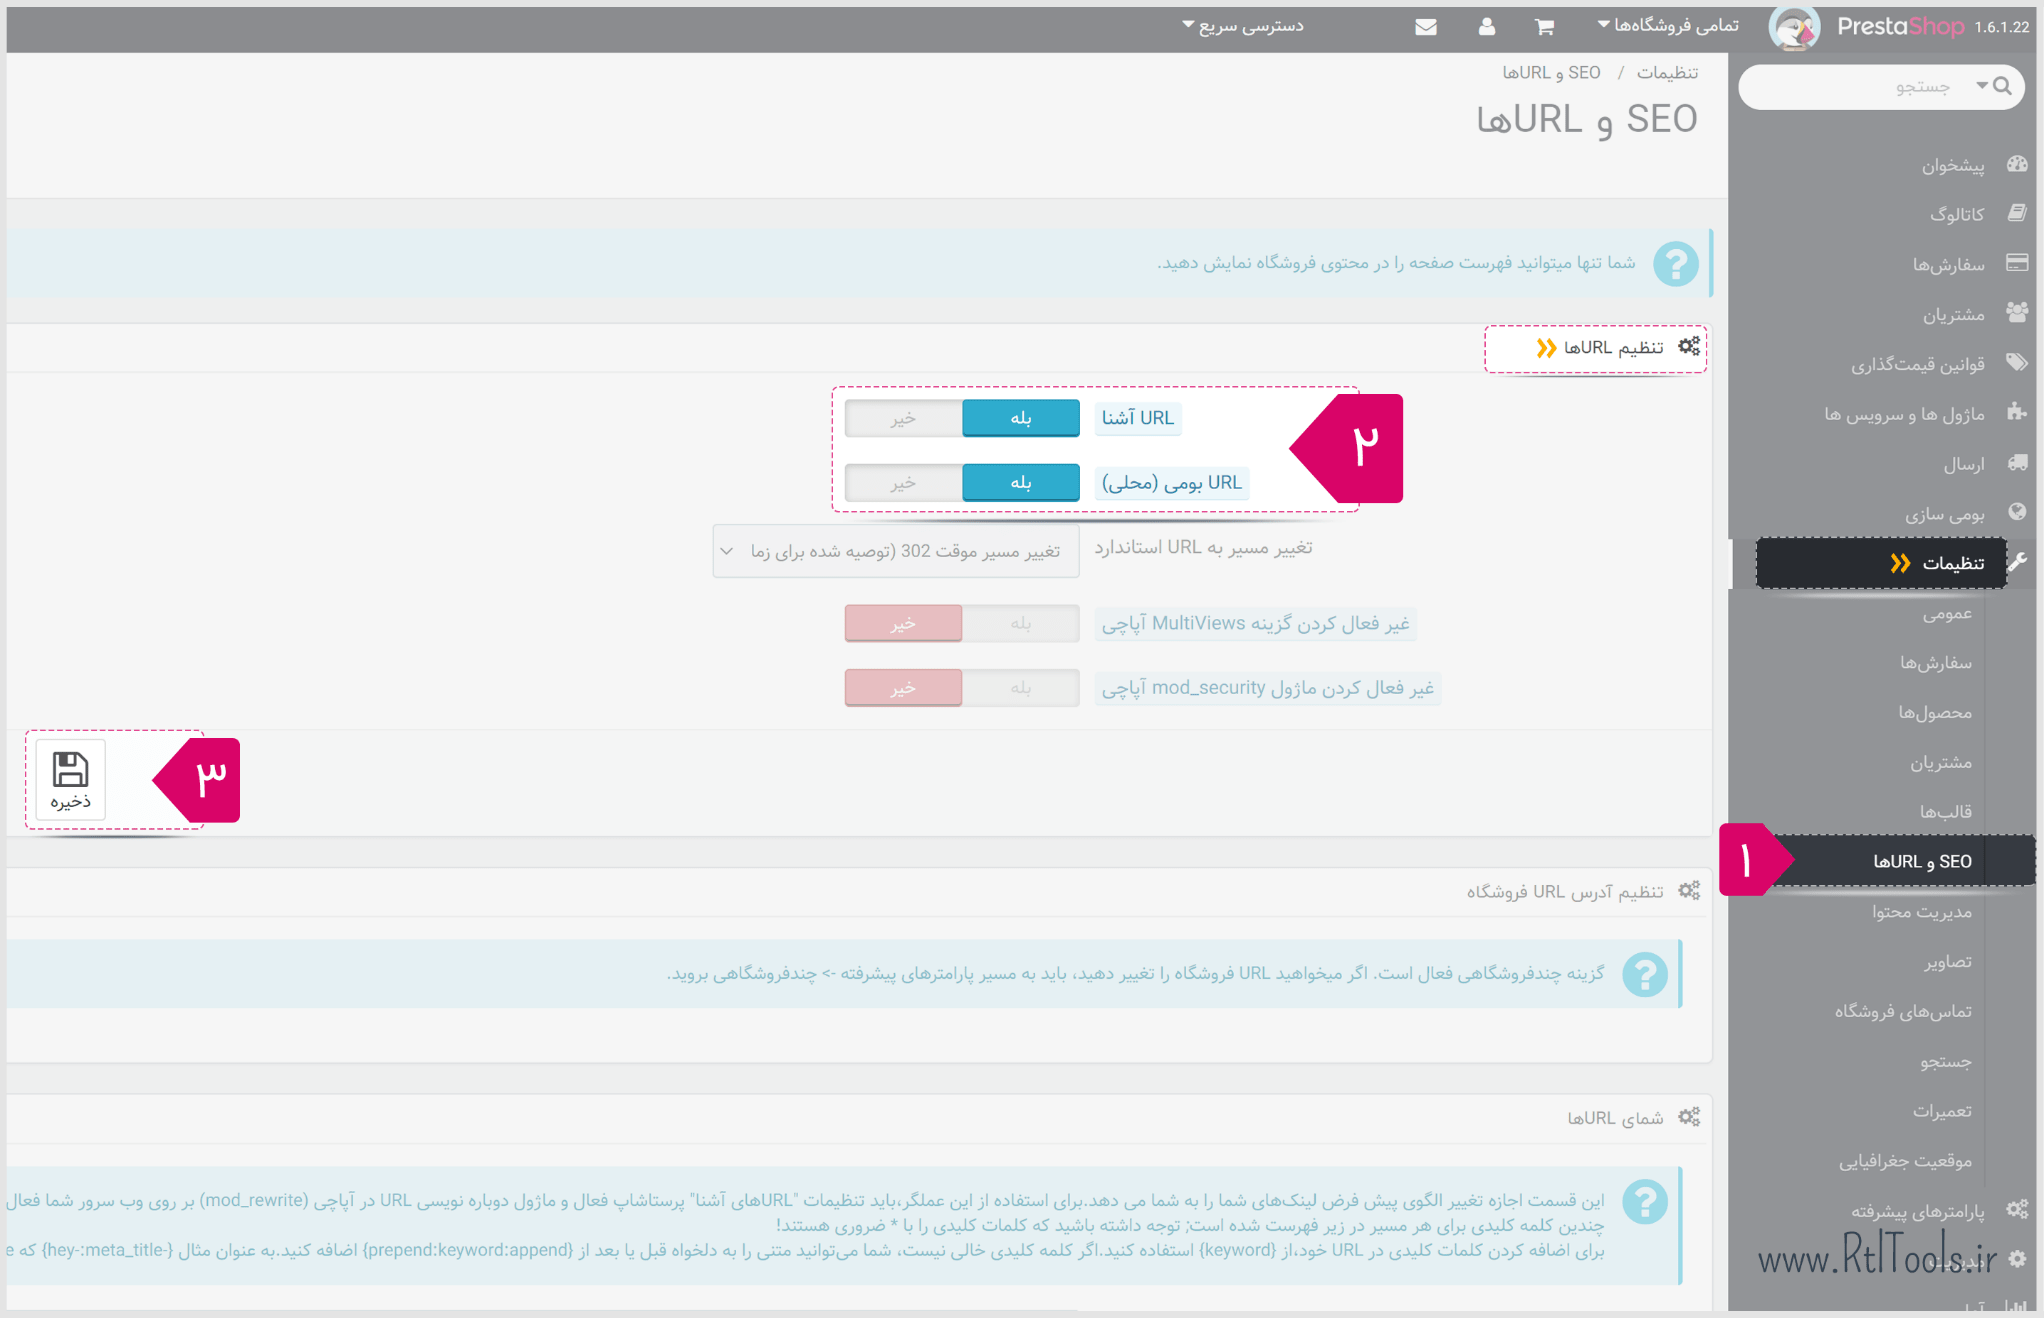 آموزش تصویری راه اندازی بسته نصبی قالب پرستاشاپ 1.6